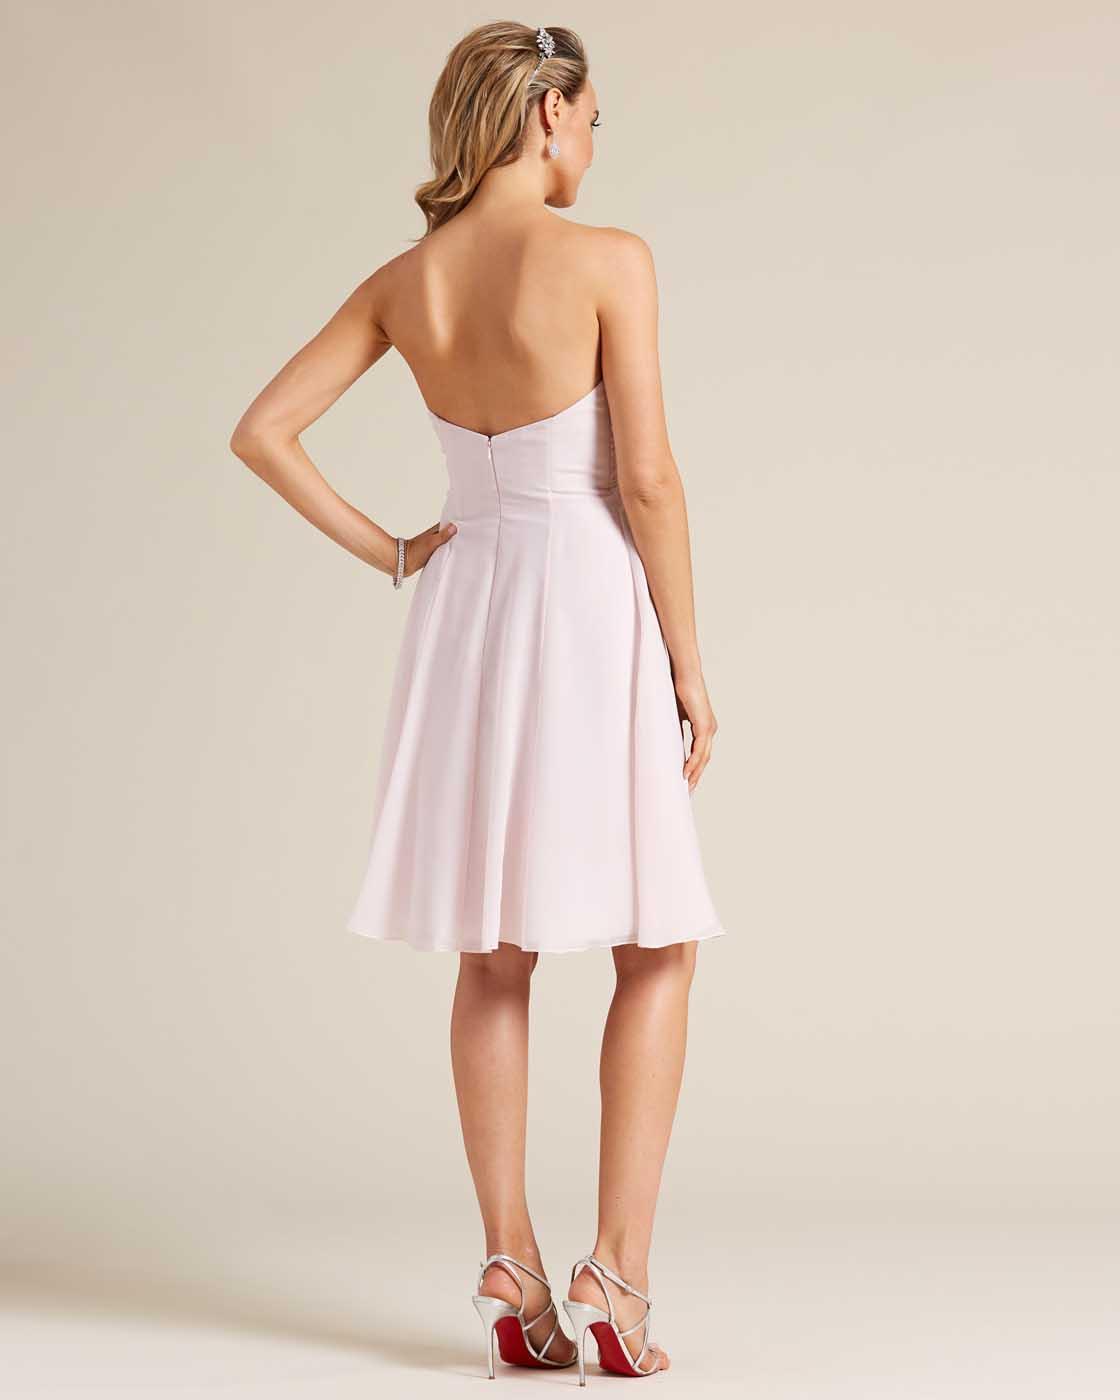 Pink Strapless Short Skirt Dress - Back